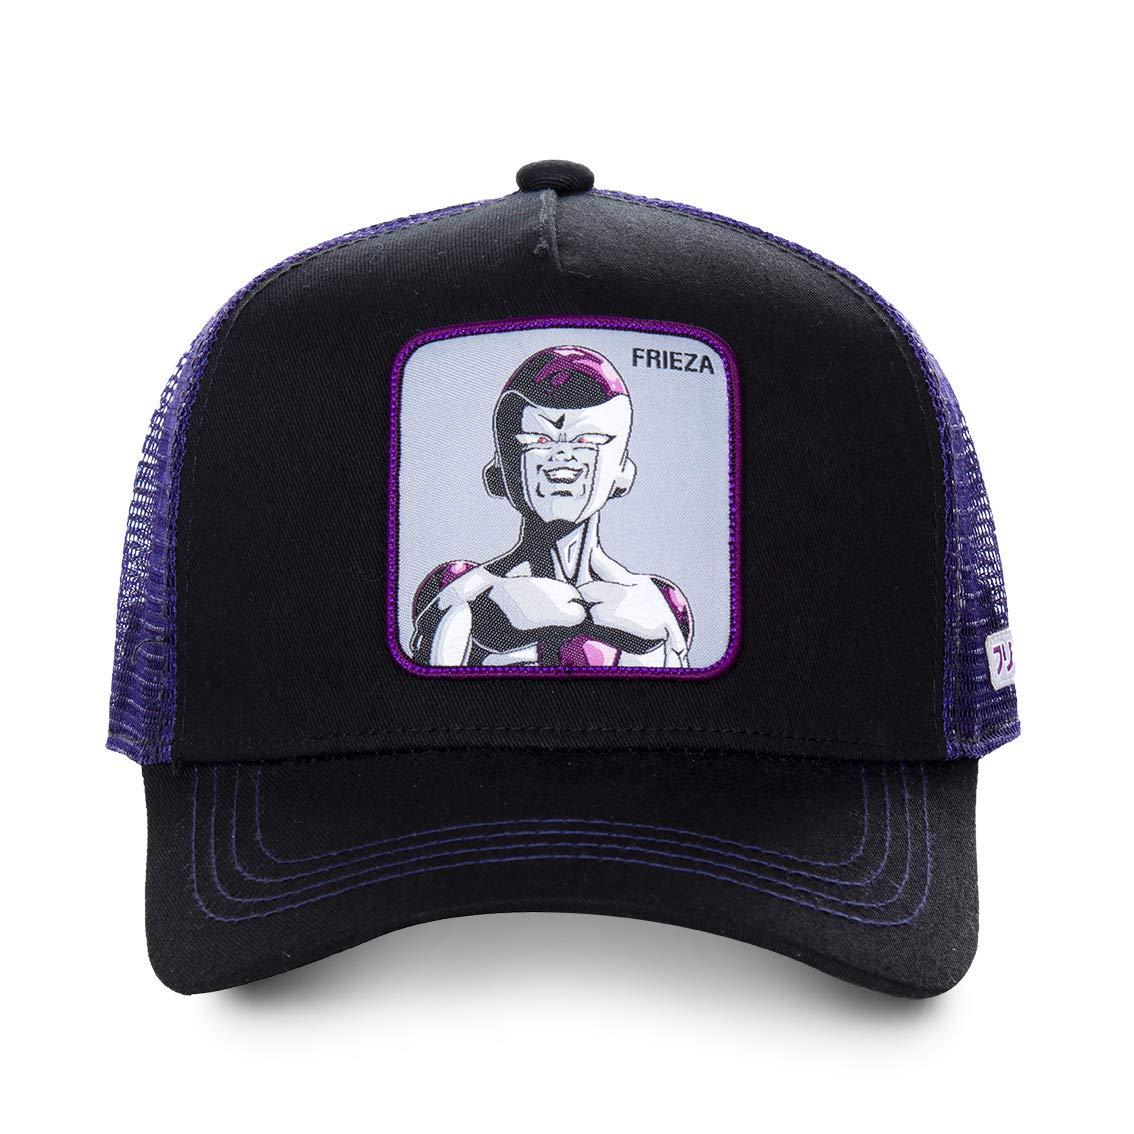 FREEGUN Casquette Trucker COLLABS Dragon Ball Z Freezer Noir Filet Violet